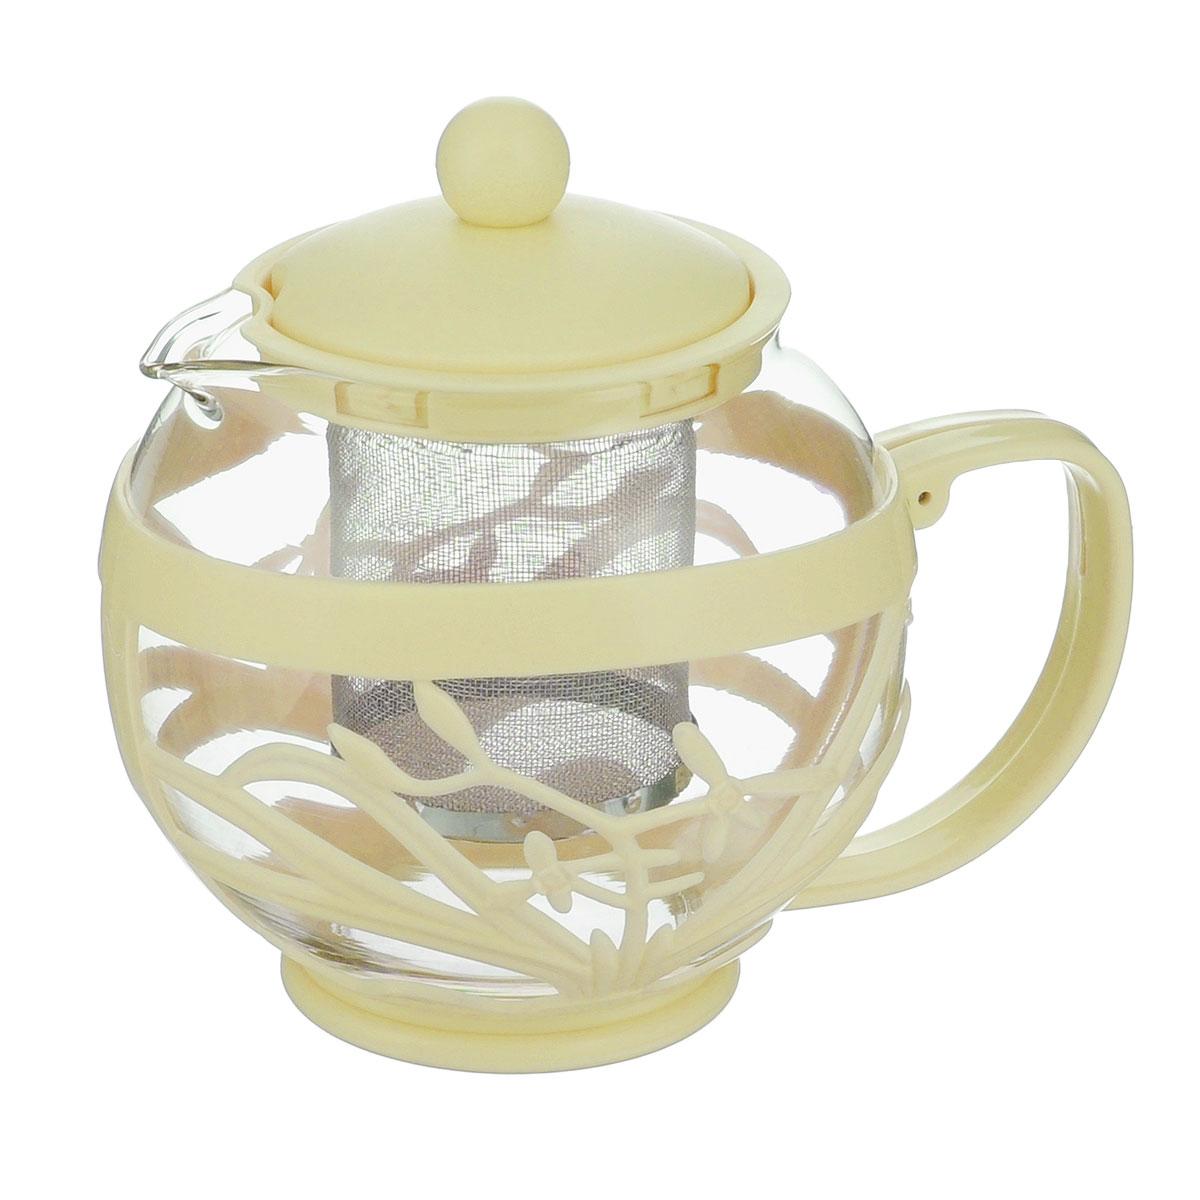 Чайник заварочный Menu Мелисса, с фильтром, цвет: прозрачный, кремовый, 750 млMLS-75_кремовыйЧайник Menu Мелисса изготовлен из прочного стекла ипластика. Он прекрасно подойдет для заваривания чая итравяных напитков. Классический стиль и оптимальный объемделают его удобным и оригинальным аксессуаром. Изделиеимеет удлиненный металлический фильтр, которыйобеспечивает высокое качество фильтрации напитка ипозволяет заварить чай даже при небольшом уровне воды.Ручка чайника не нагревается и обеспечивает безопасностьиспользования.Нельзя мыть в посудомоечной машине.Диаметр чайника (по верхнему краю): 8 см. Высота чайника (без учета крышки): 11 см. Размер фильтра: 6 х 6 х 7,2 см.